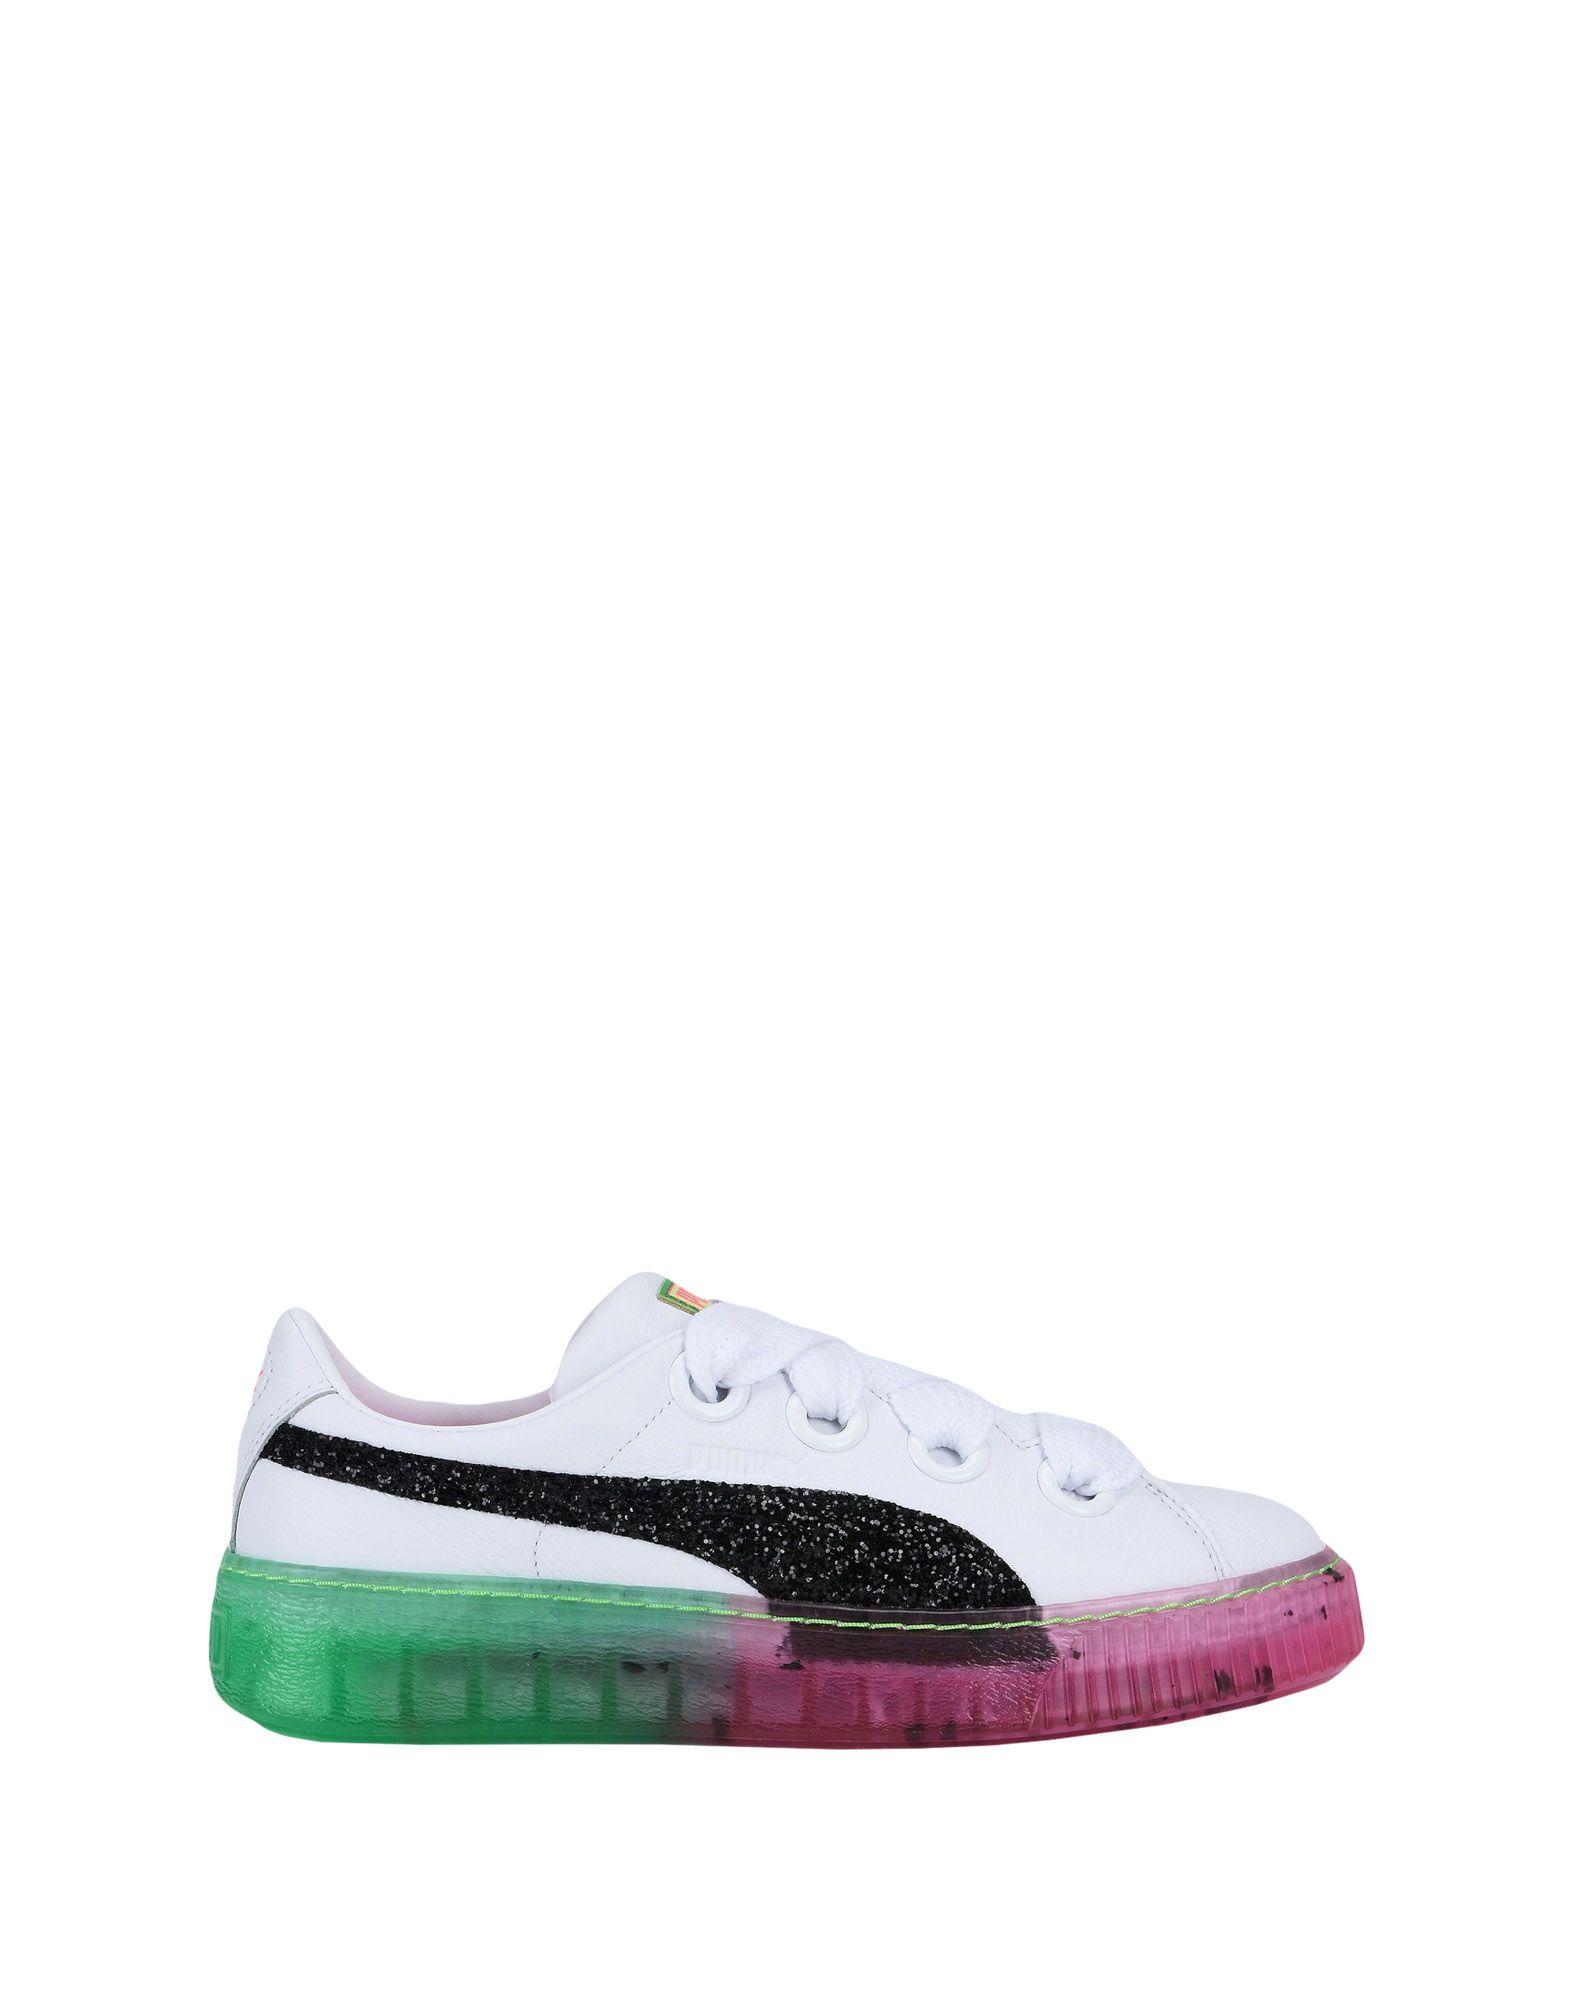 Stilvolle billige Webster Schuhe Puma X Sophia Webster billige Platform Candy Princess Sophia Webster  11502414OU 93d2aa